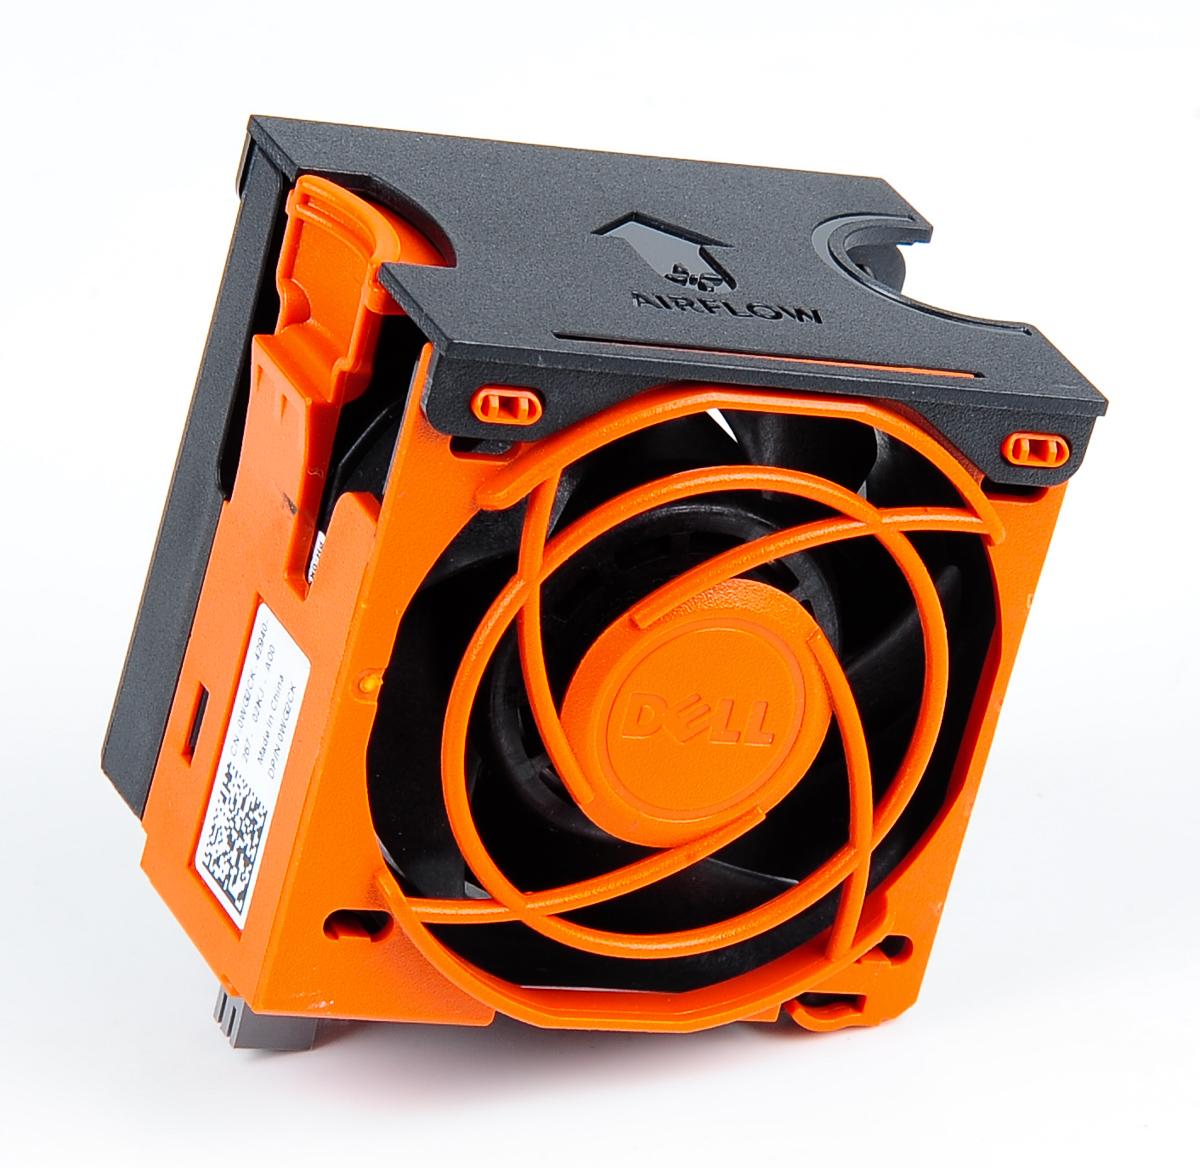 *TESTED* Dell 0F1YN7 R620 Hot Swap System Fan